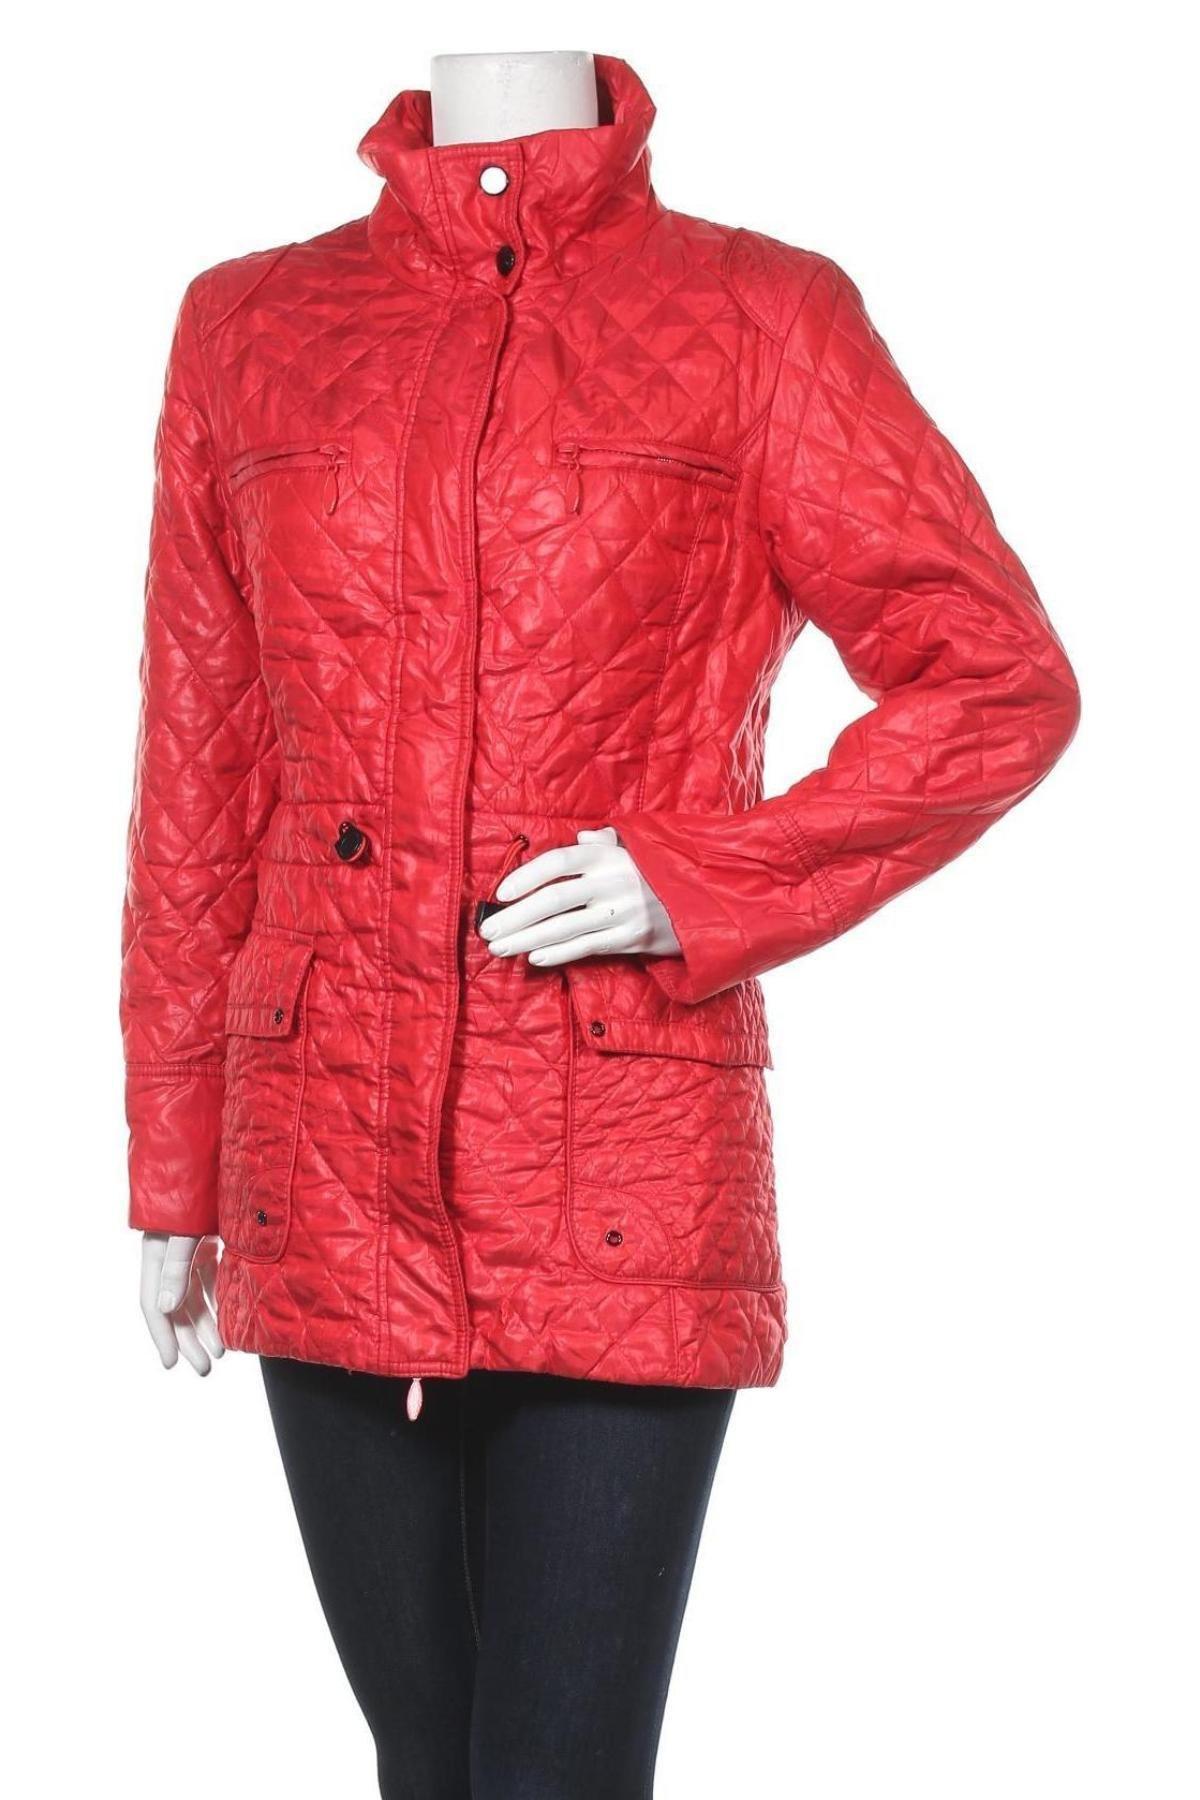 Дамско яке Helena Vera, Размер S, Цвят Червен, 88% полиестер, 12% полиамид, Цена 35,91лв.